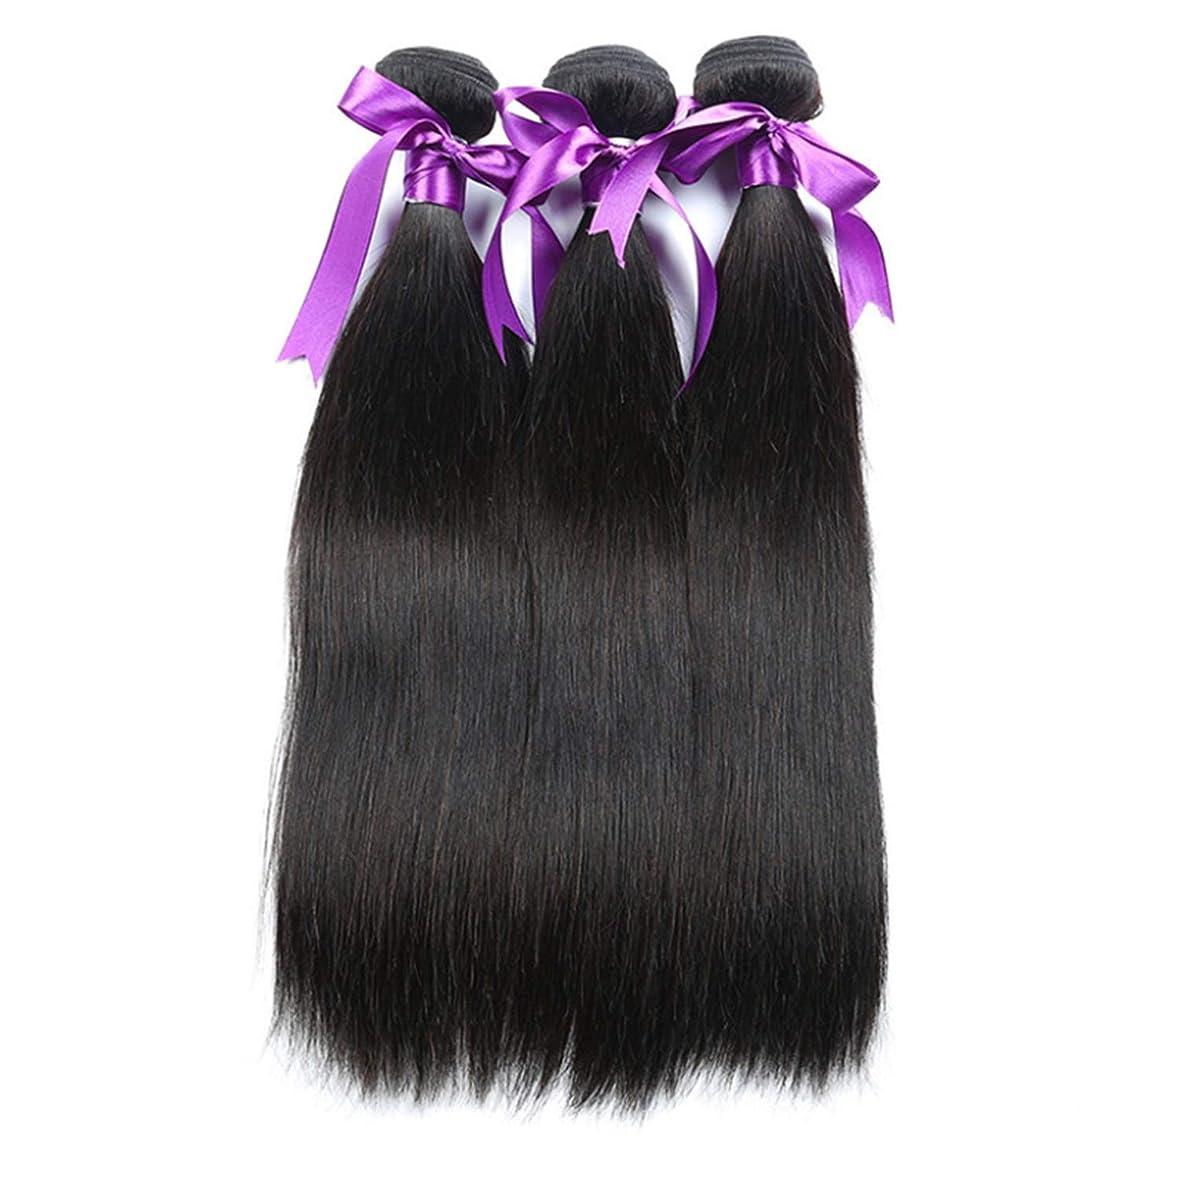 なだめるループ六かつら ペルーのストレートヘア織り3バンドル/ロット100%人のRemyの髪横糸8-28インチボディヘアエクステンション (Stretched Length : 14 16 18)